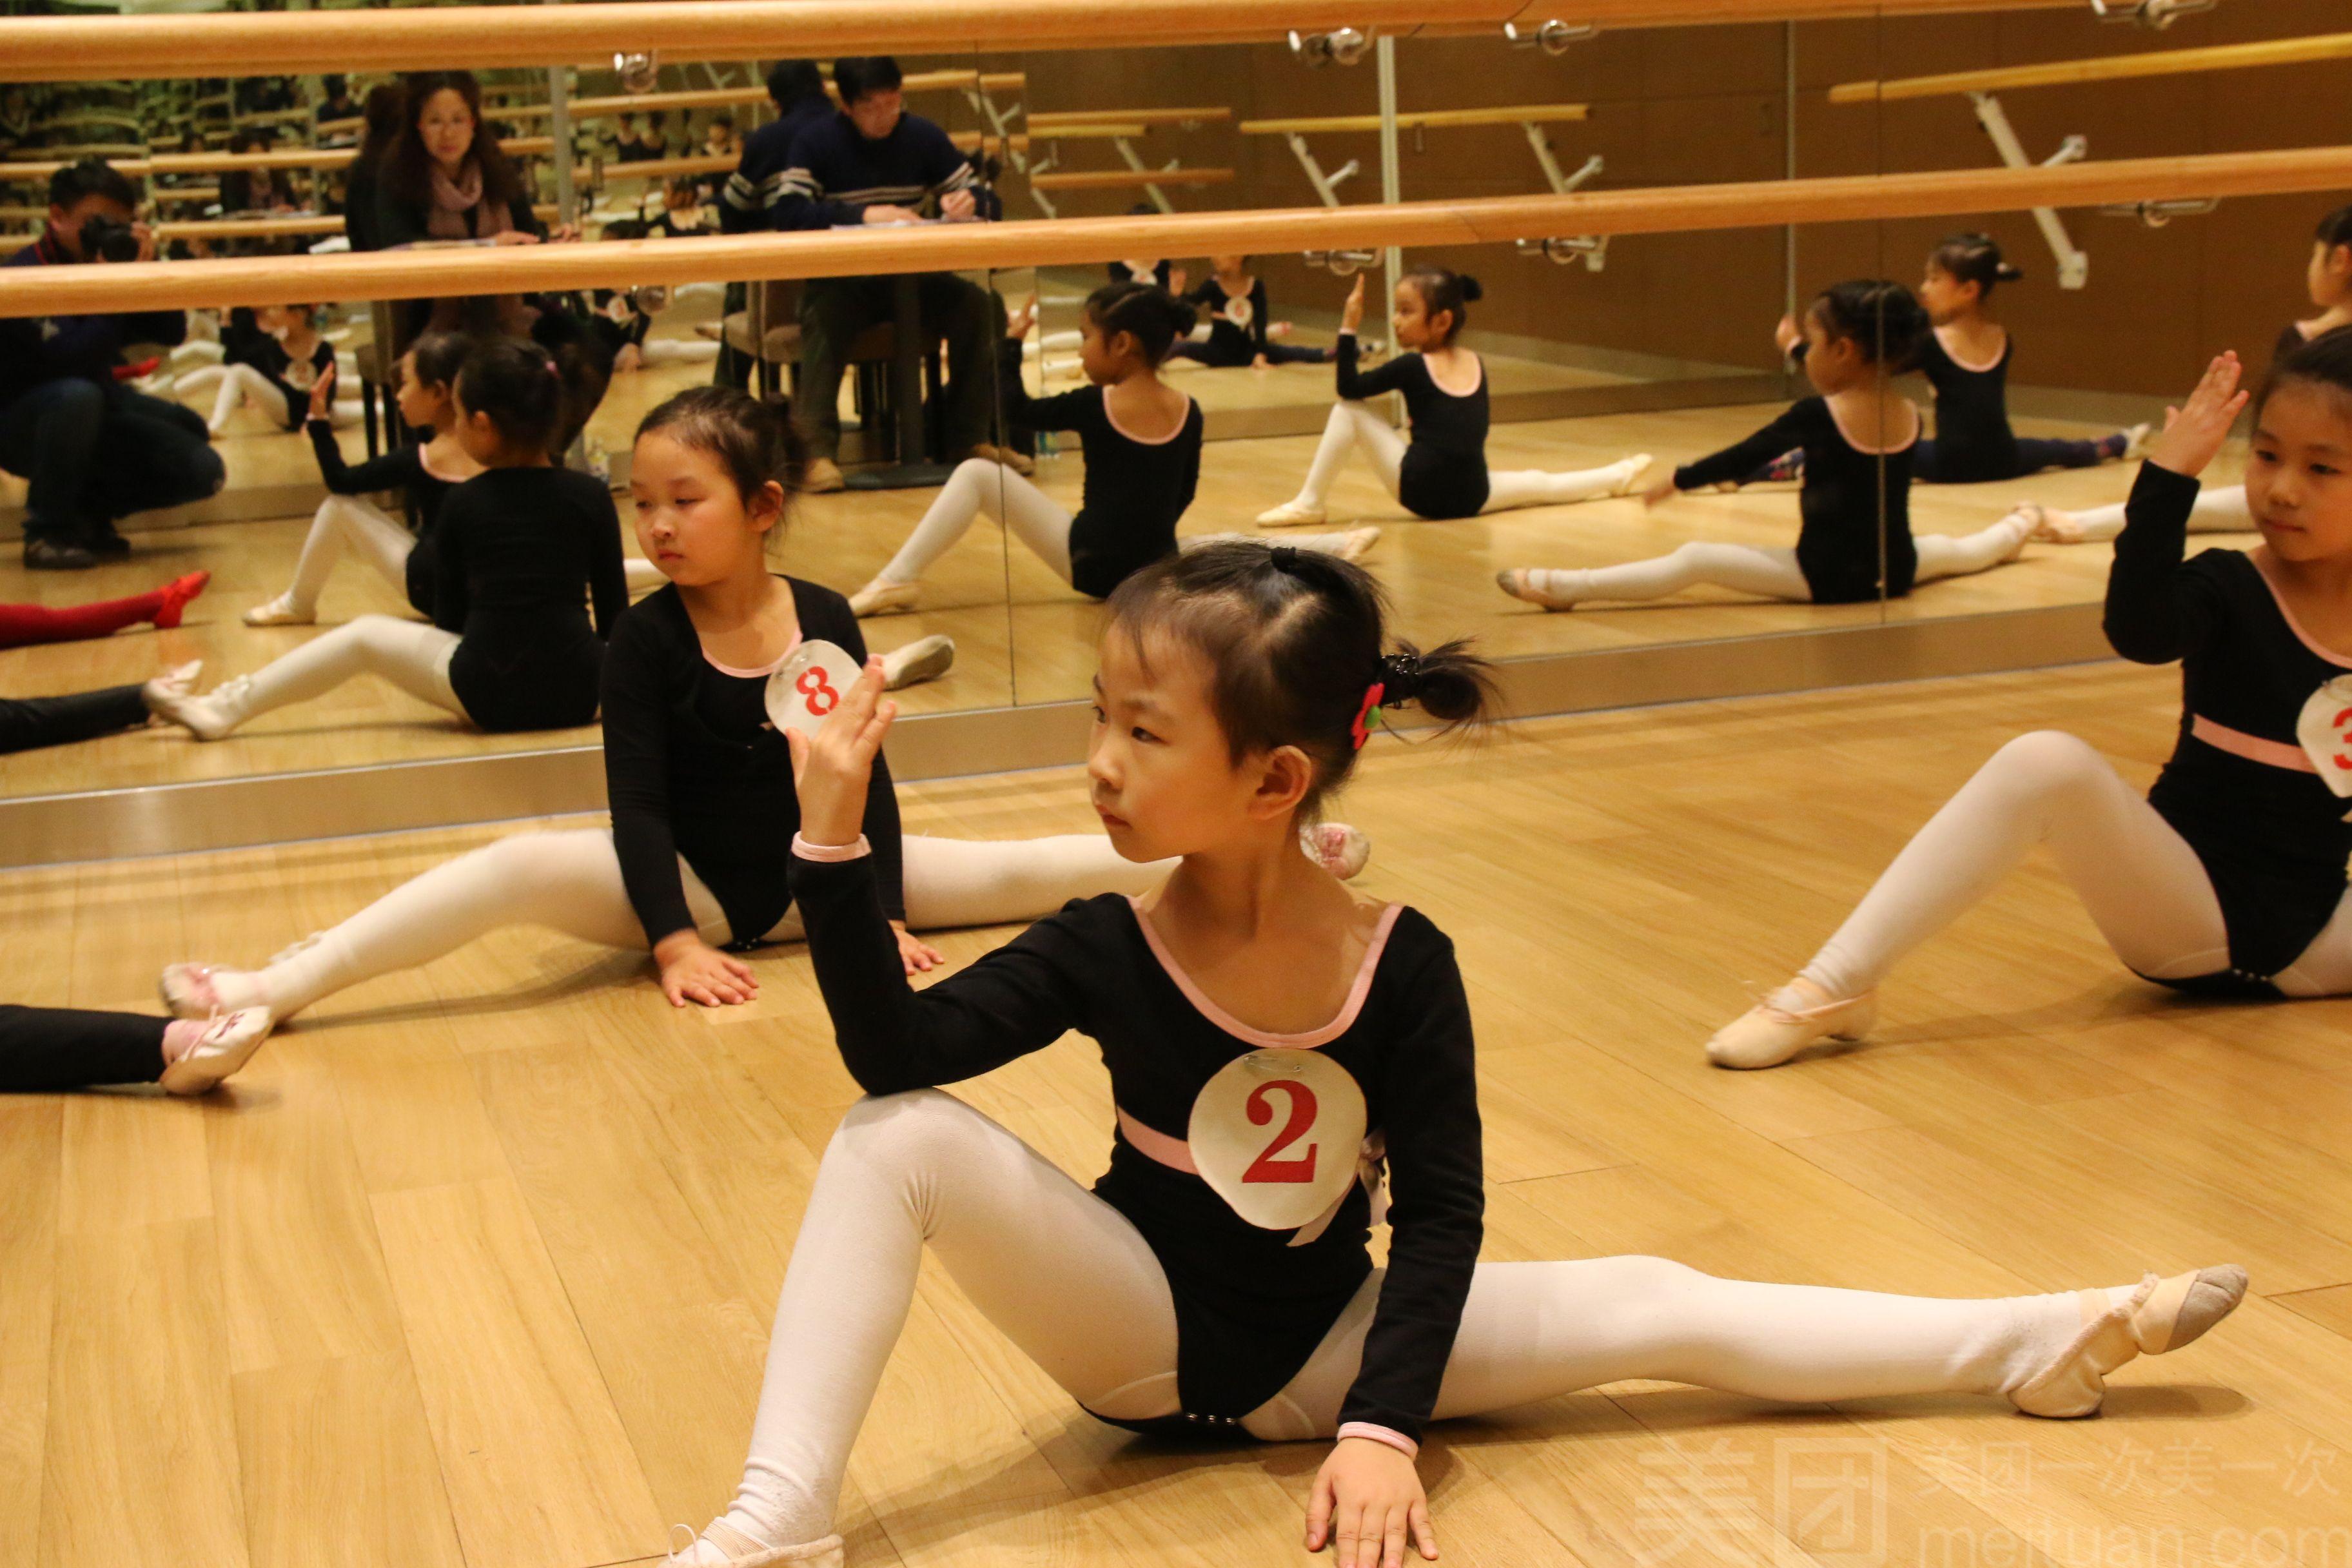 舞蹈学校_skydance舞蹈学校